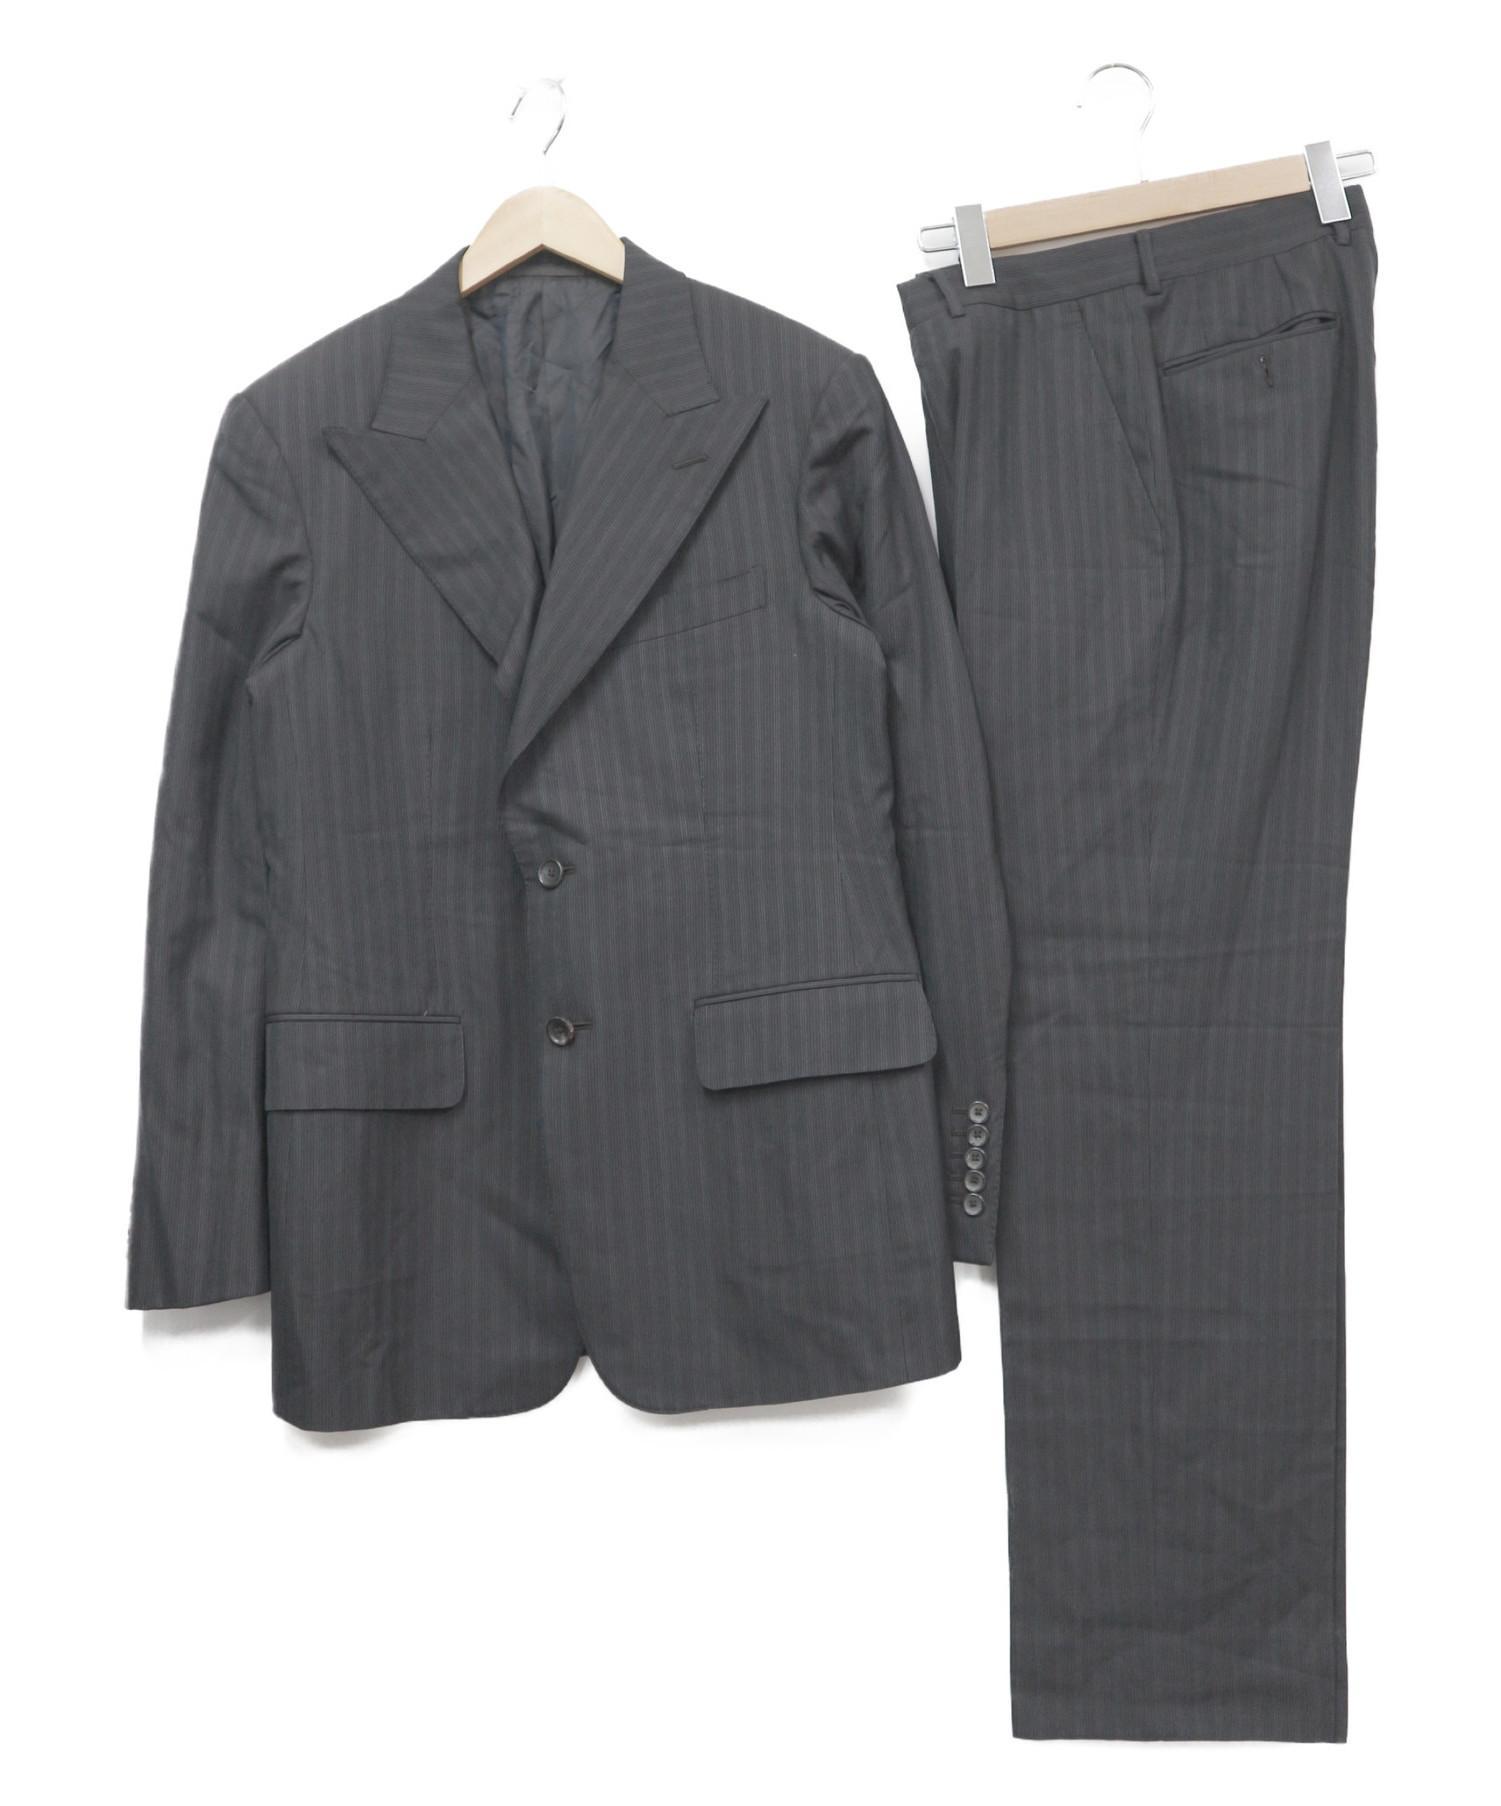 online store 95c09 19dfa [中古]GUCCI(グッチ)のメンズ スーツ・セットアップ セットアップスーツ